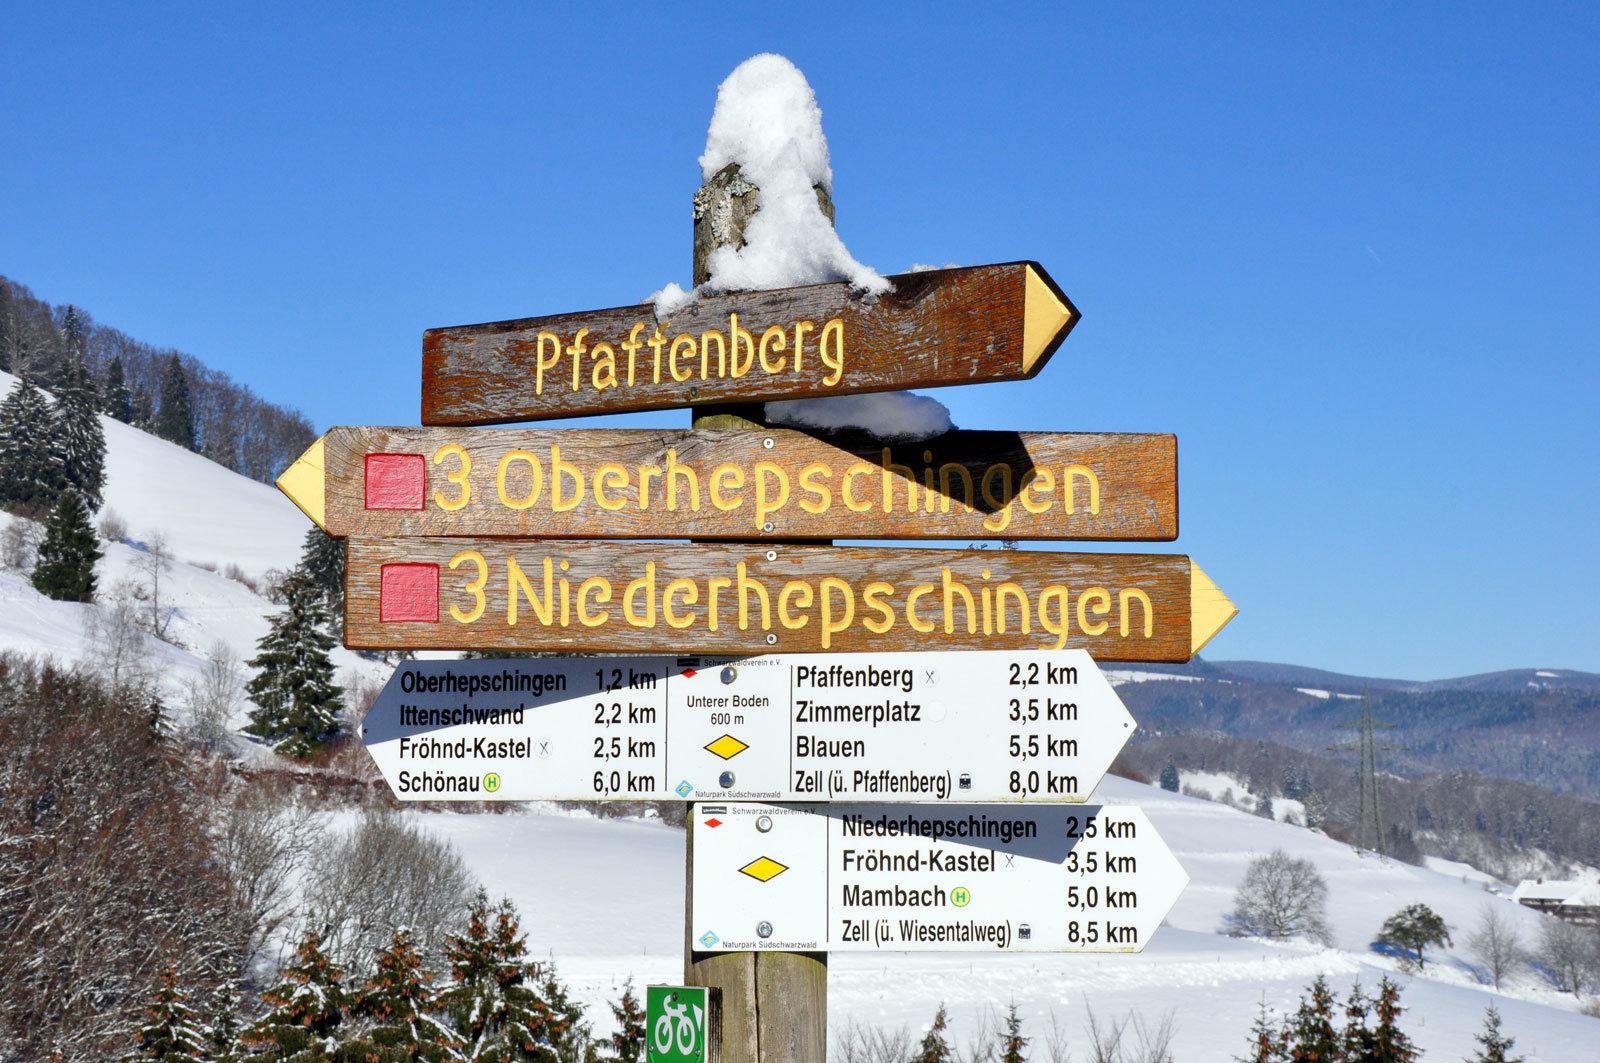 Wegweiser nach Oberhepschingen